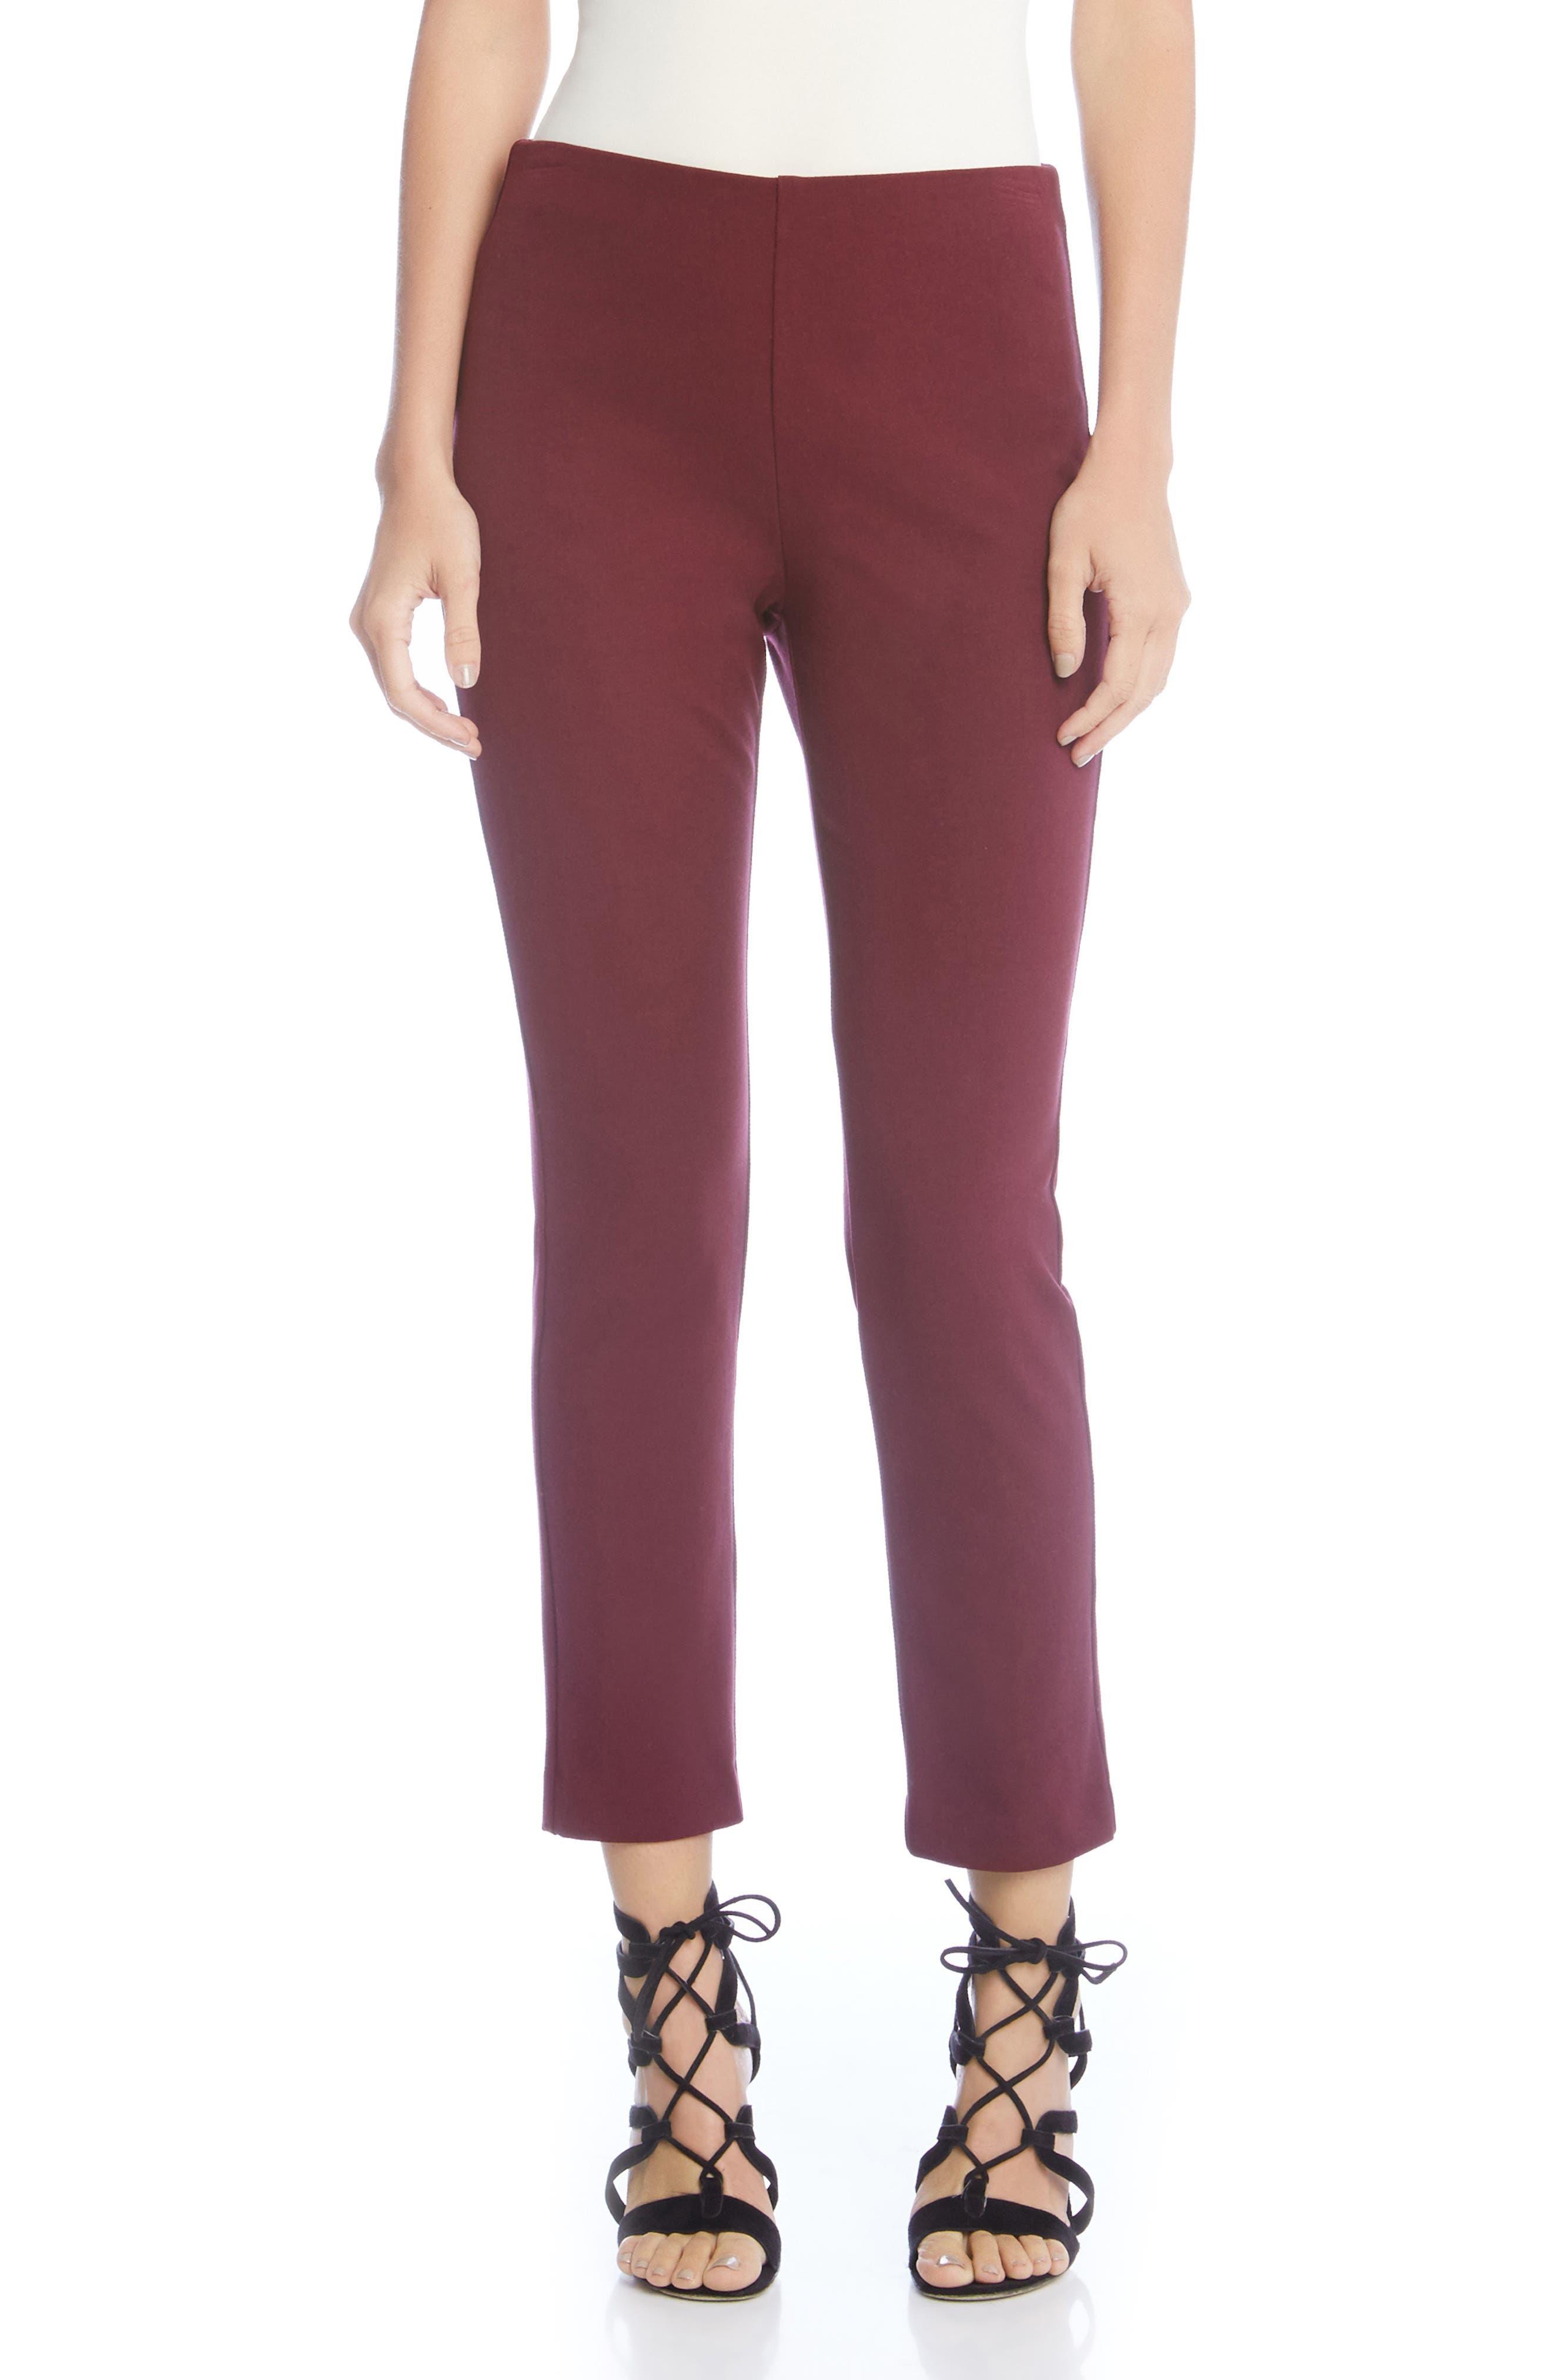 Karen Kane Piper Pants